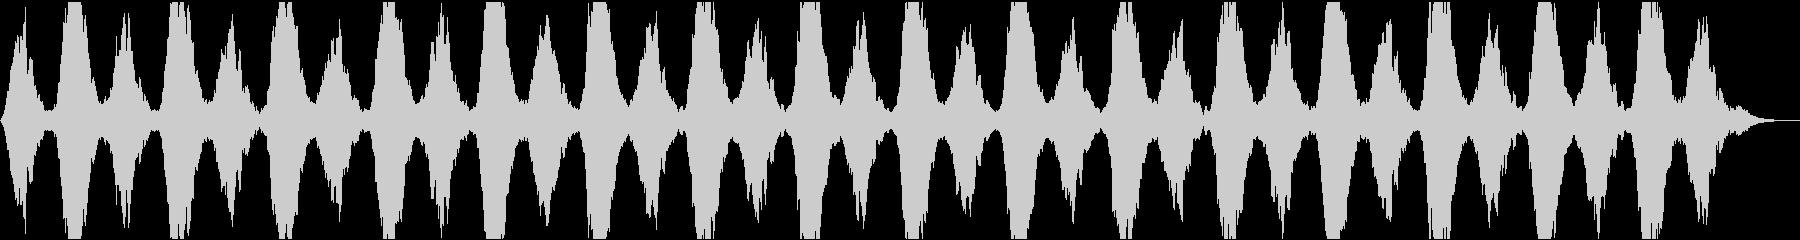 動画11 リラックス・スパ・施設・アプリの未再生の波形